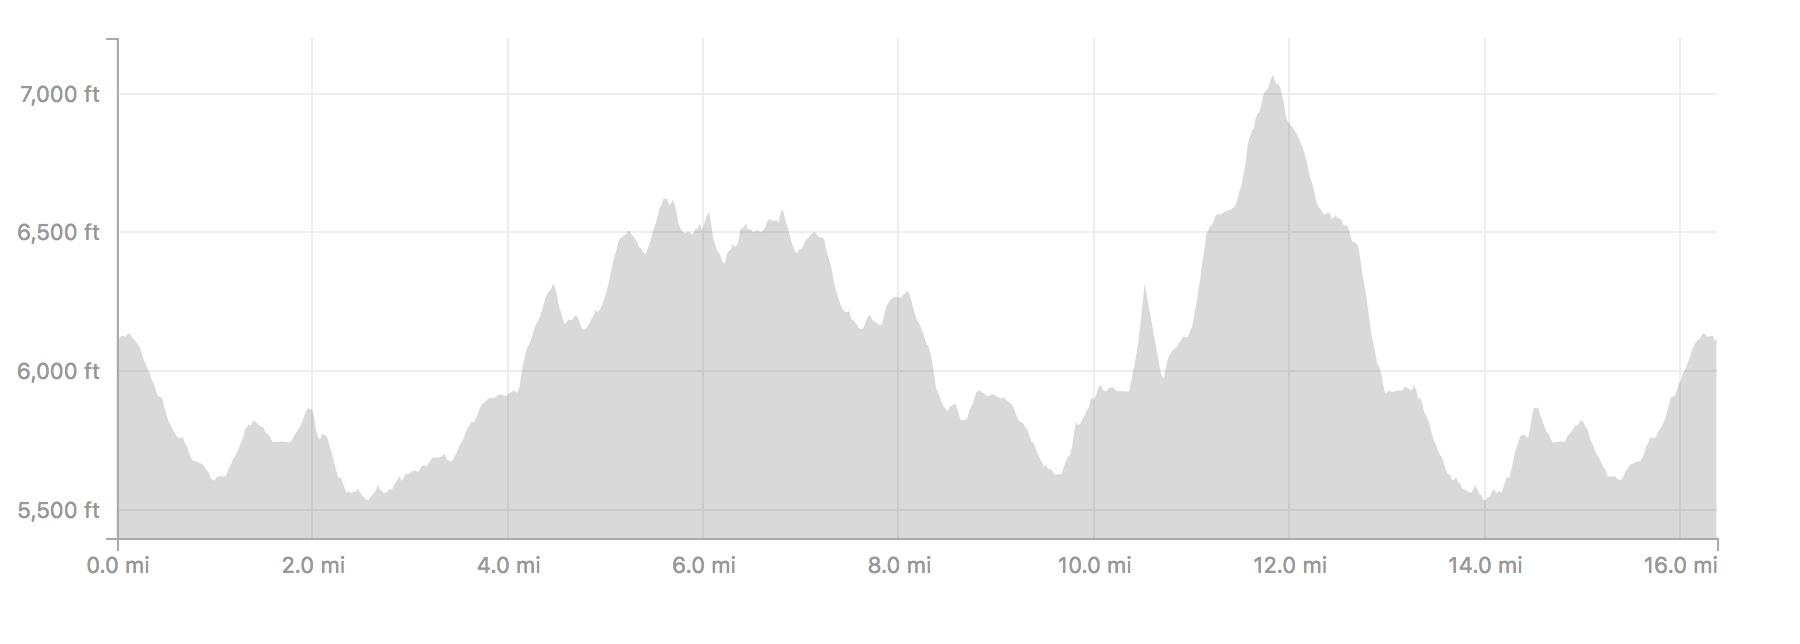 Brown/Slide/Palisades elevation profile